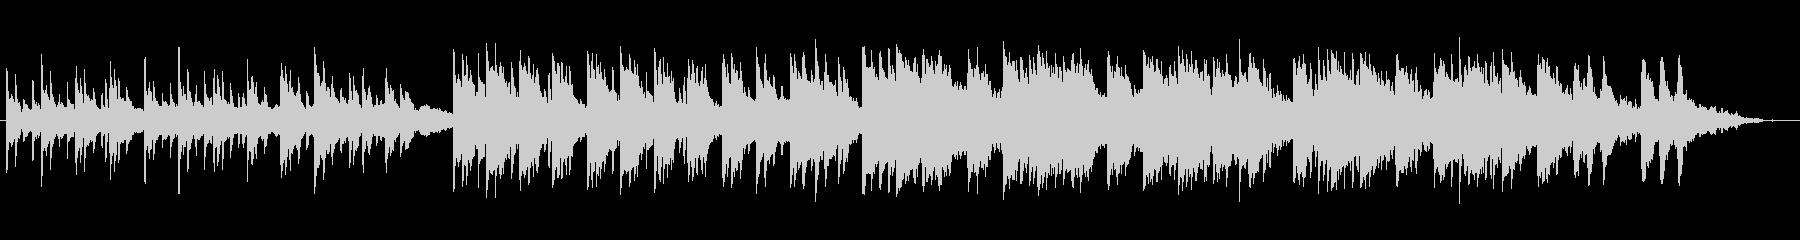 ピアノとアコギによる切ないバラードの未再生の波形